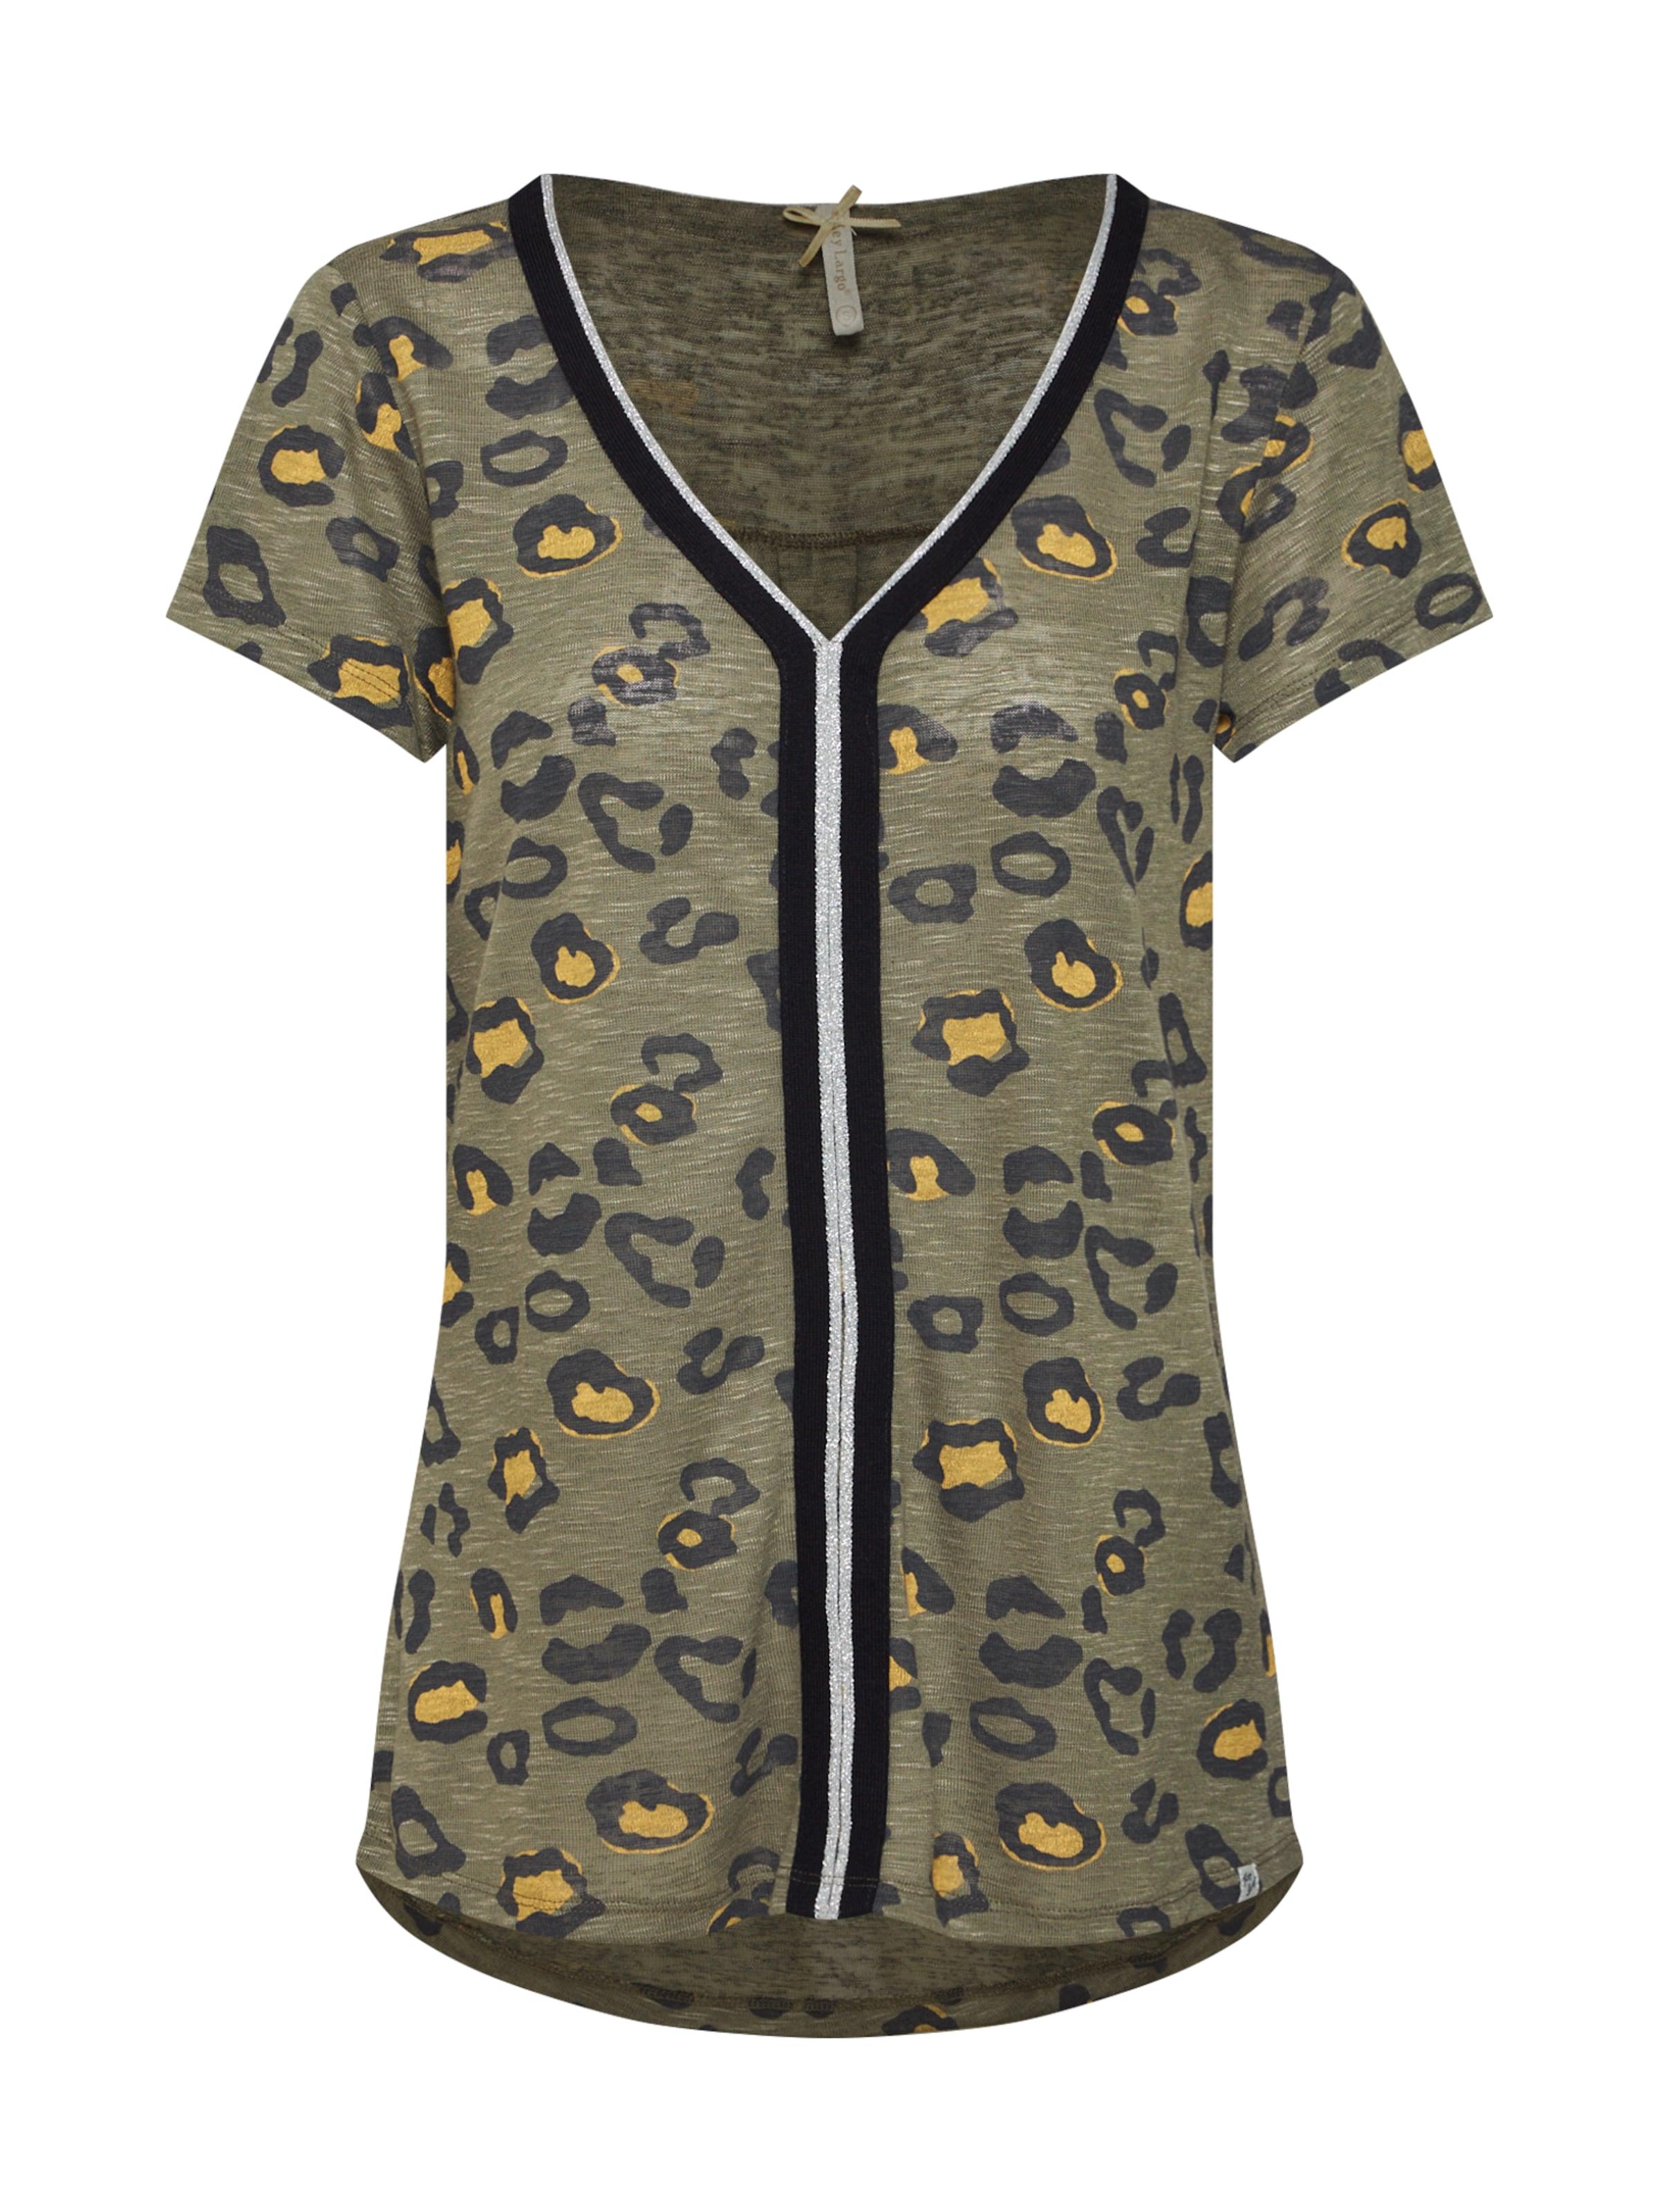 Largo Key In Key In Key BeigeKaki BeigeKaki Largo Shirt Shirt Shirt Largo In qzjpLUMGSV